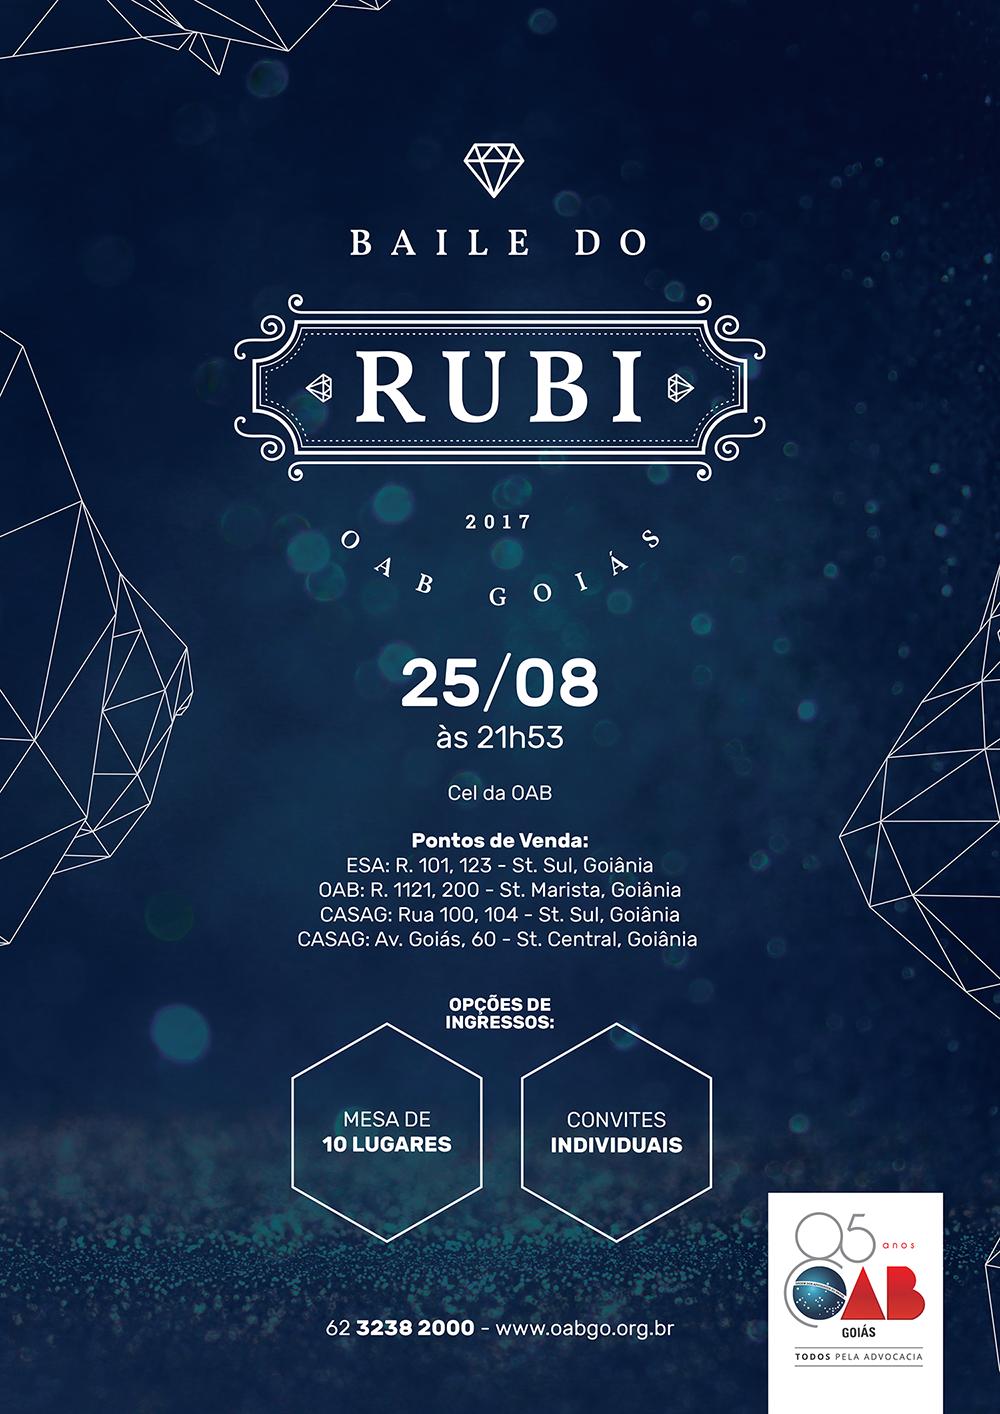 25.08 - Baile do Rubi 2017